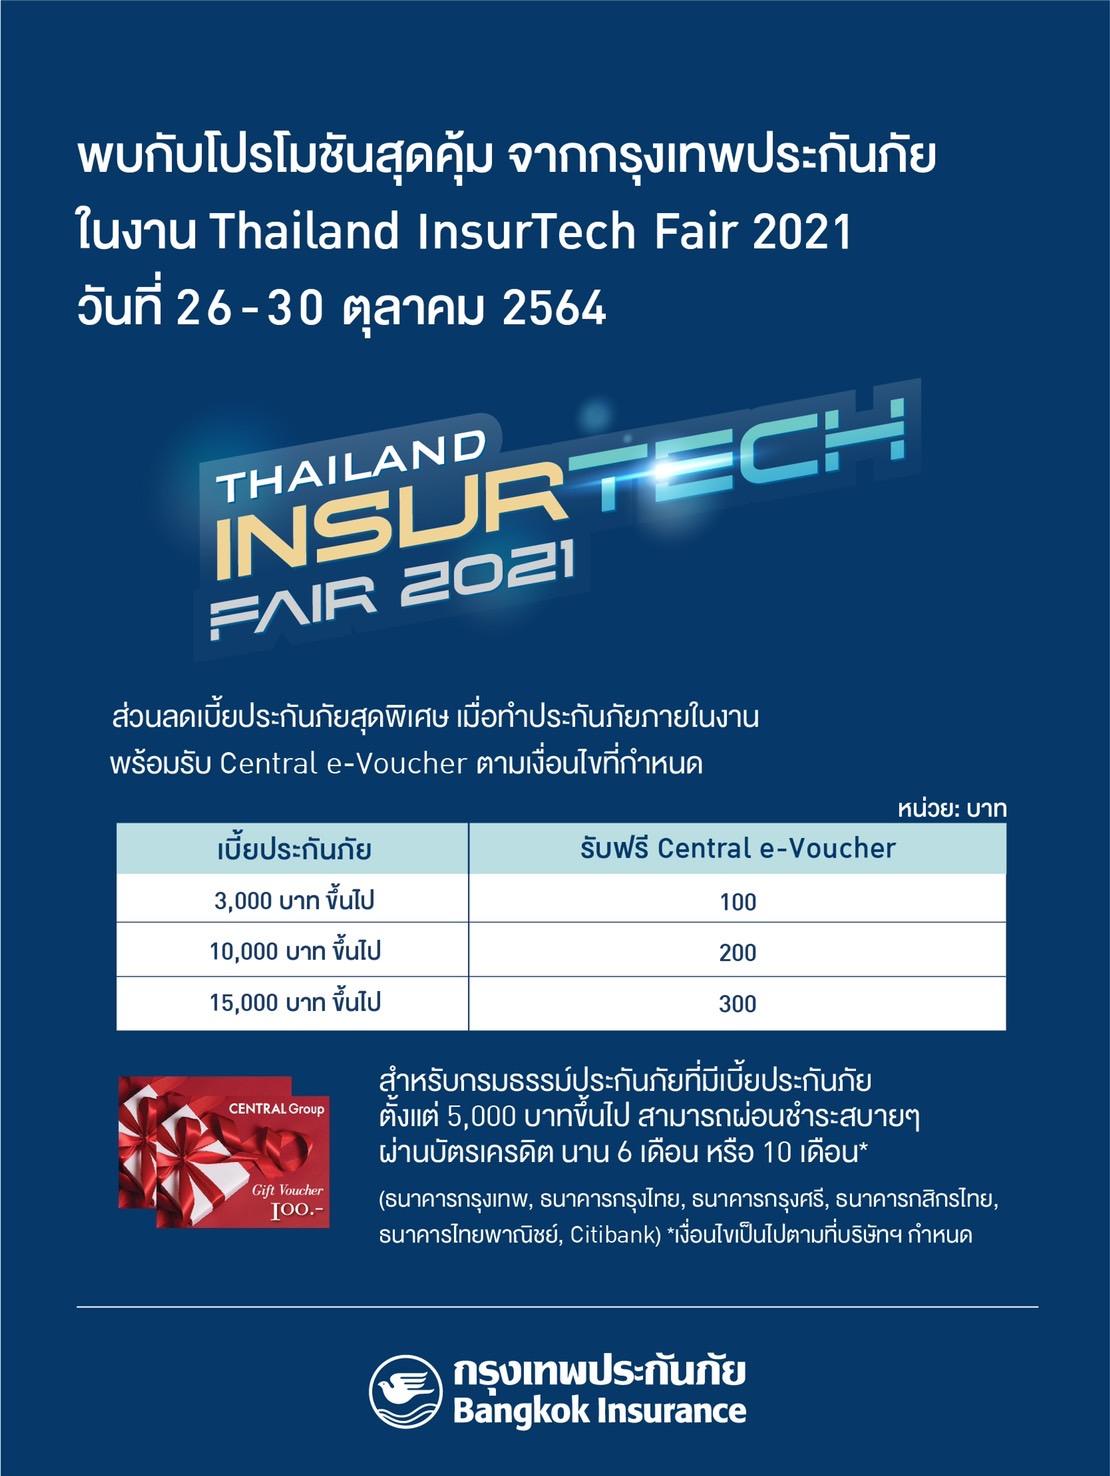 กรุงเทพประกันภัย ชวนลูกค้าชอปประกันภัยออนไลน์สุดคุ้มในงาน Thailand InsurTech Fair 2021 จัดโดยสำนักงาน คปภ.